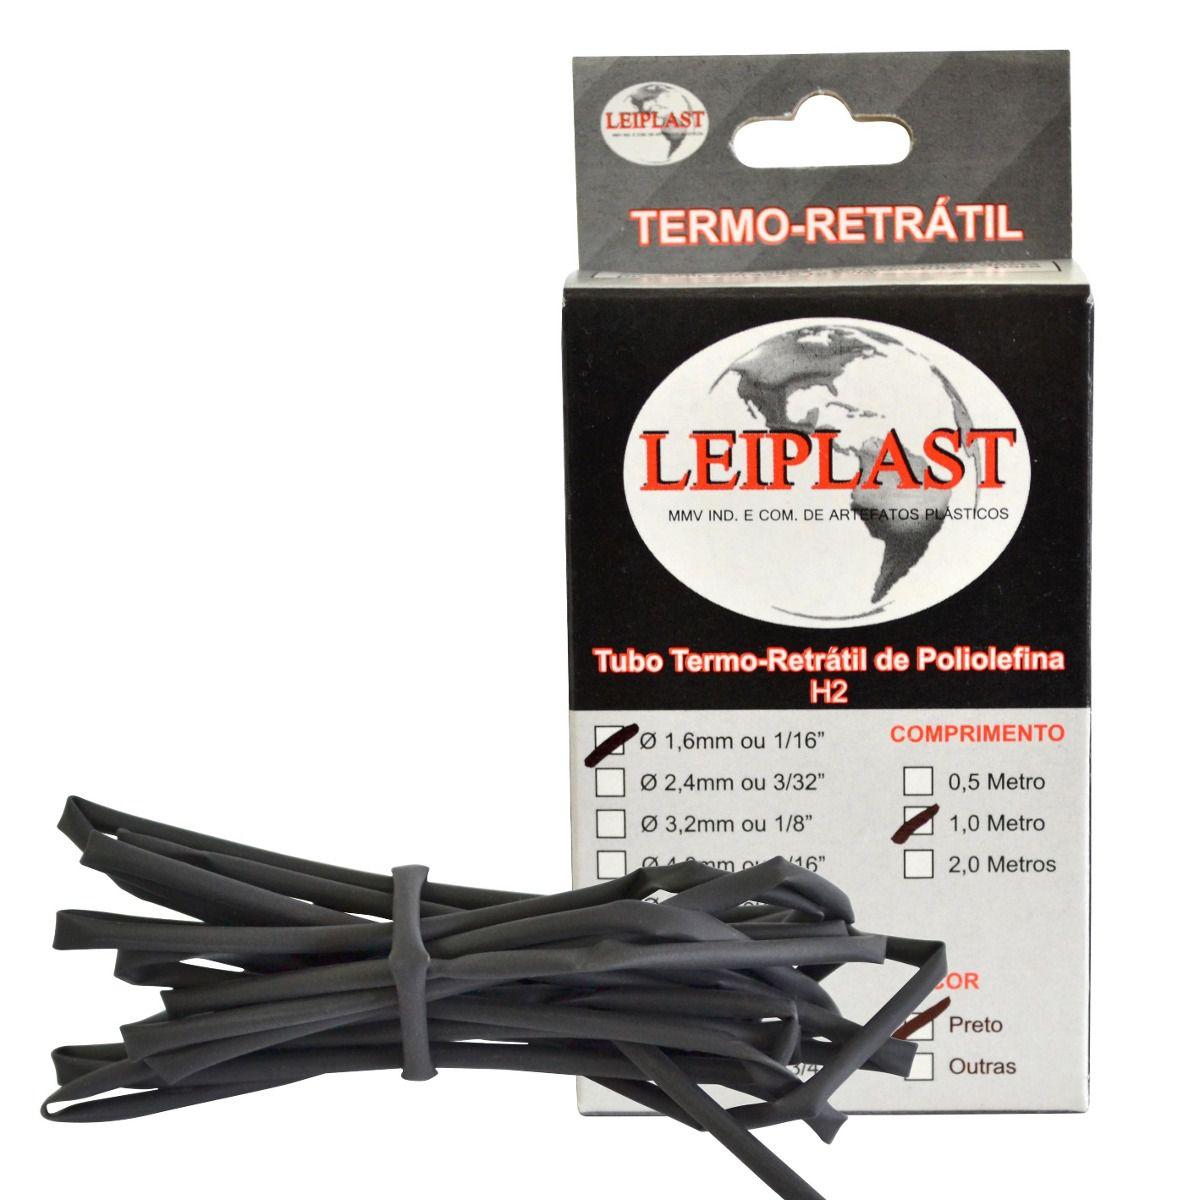 ESPAGUETE TERMO RETRATIL 1.6 MM PRETO - 1 METRO - LEIPLAST